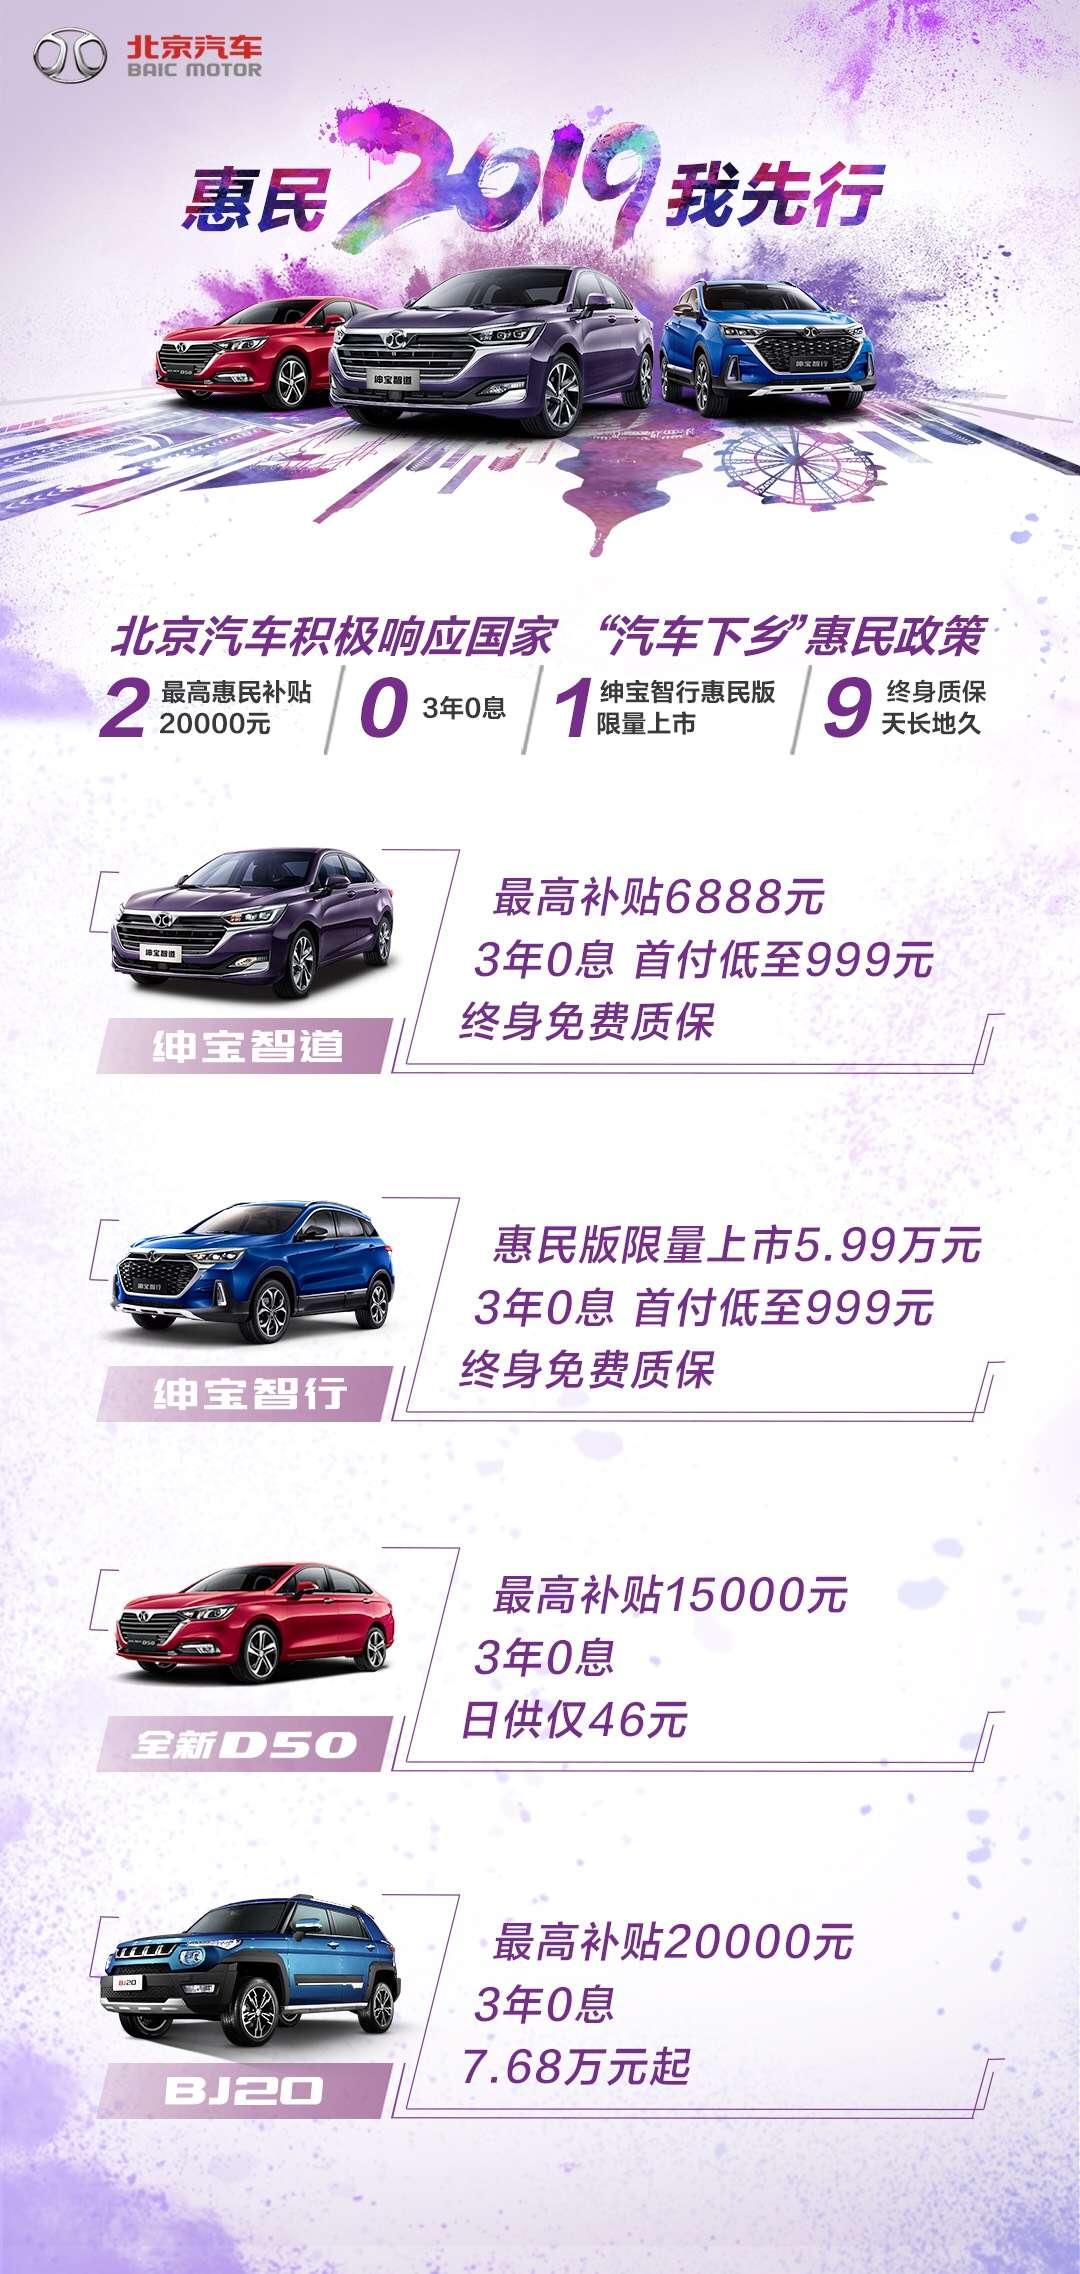 北京汽车响应汽车下乡政策 最高补贴达2万元